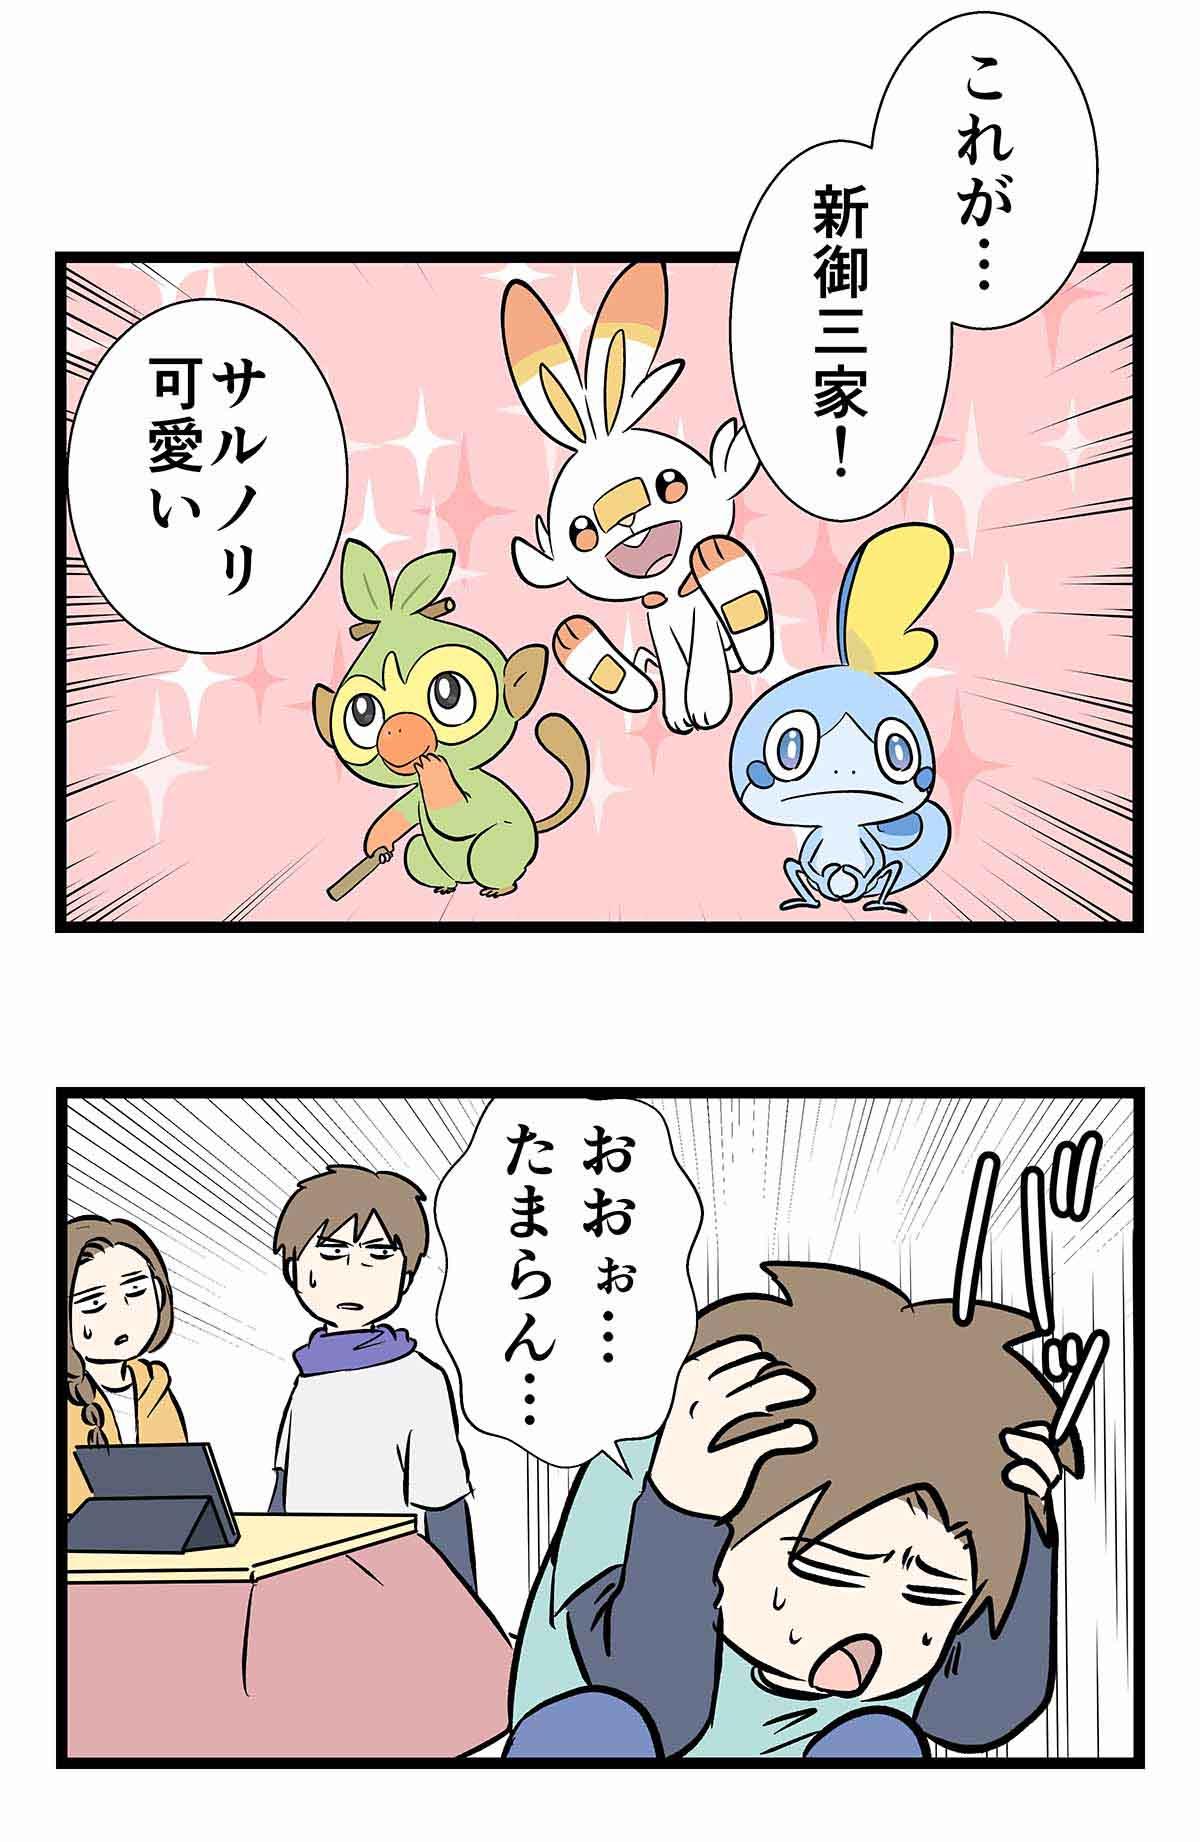 進化 ポケモン ソード 御 三家